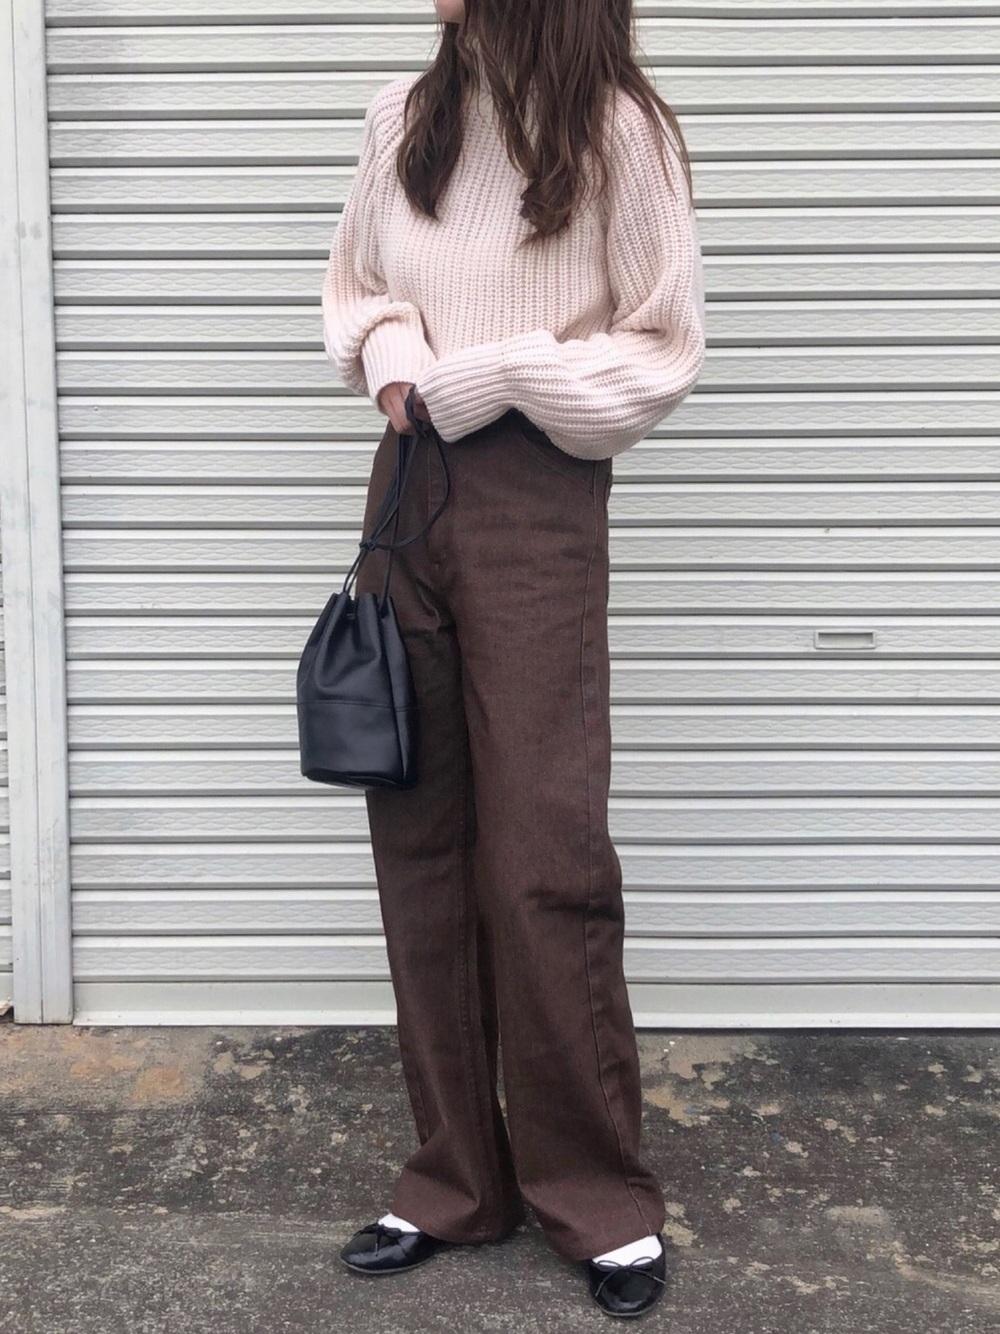 ユニクロのローゲージタートルネックセーターにブラウンパンツのコーデ